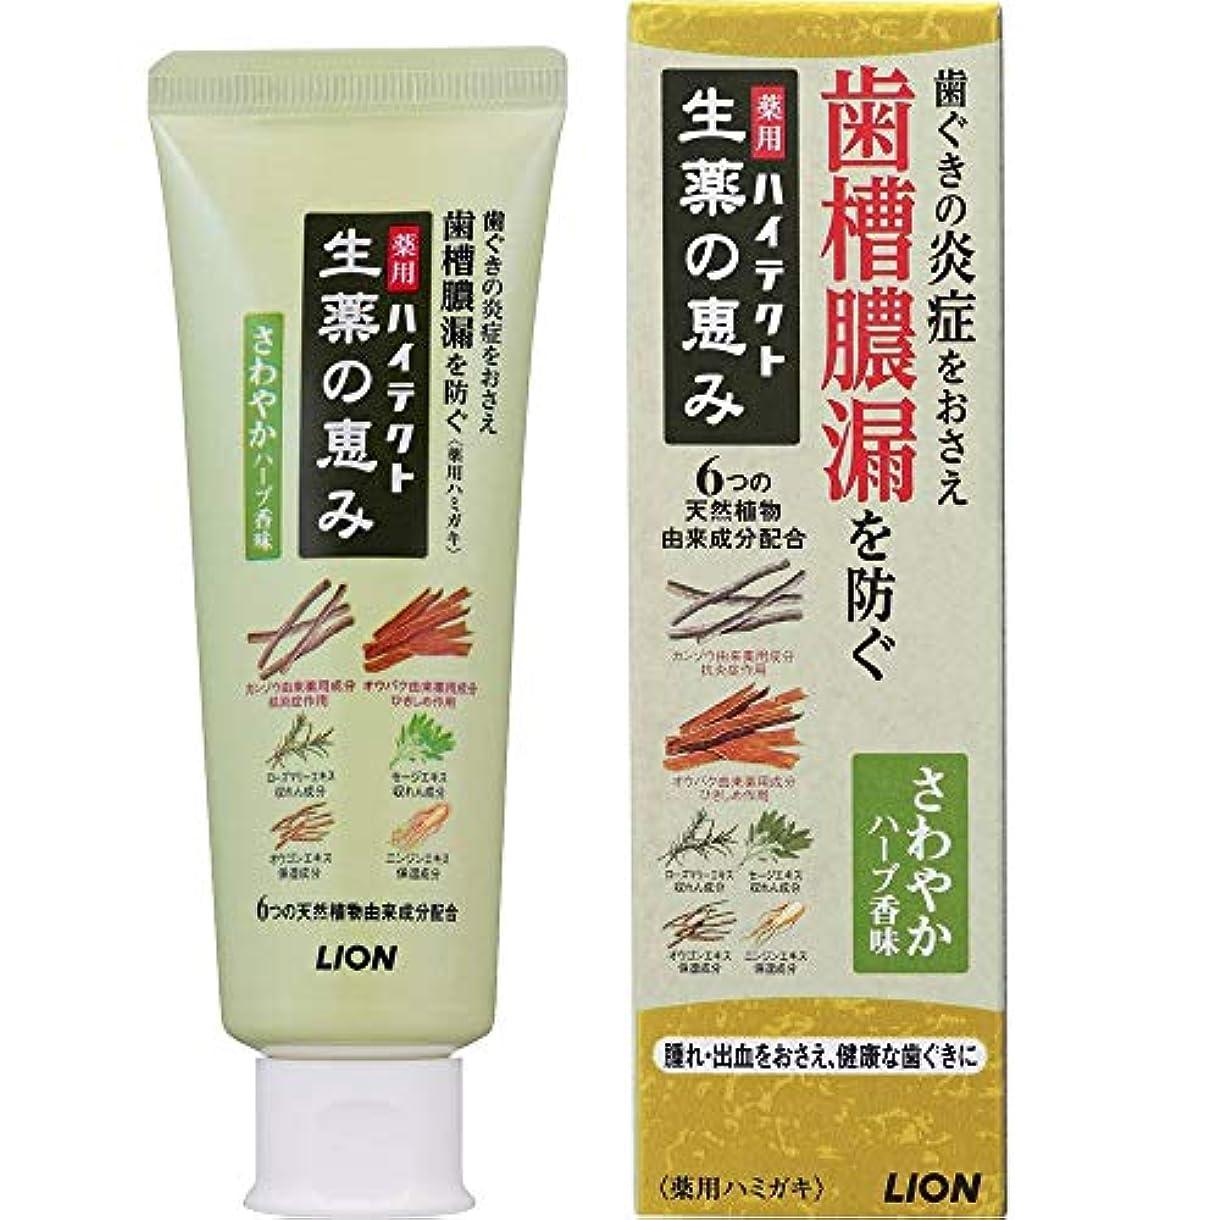 薬用ハイテクト生薬の恵み さわやかハーブ香味 90g (医薬部外品)